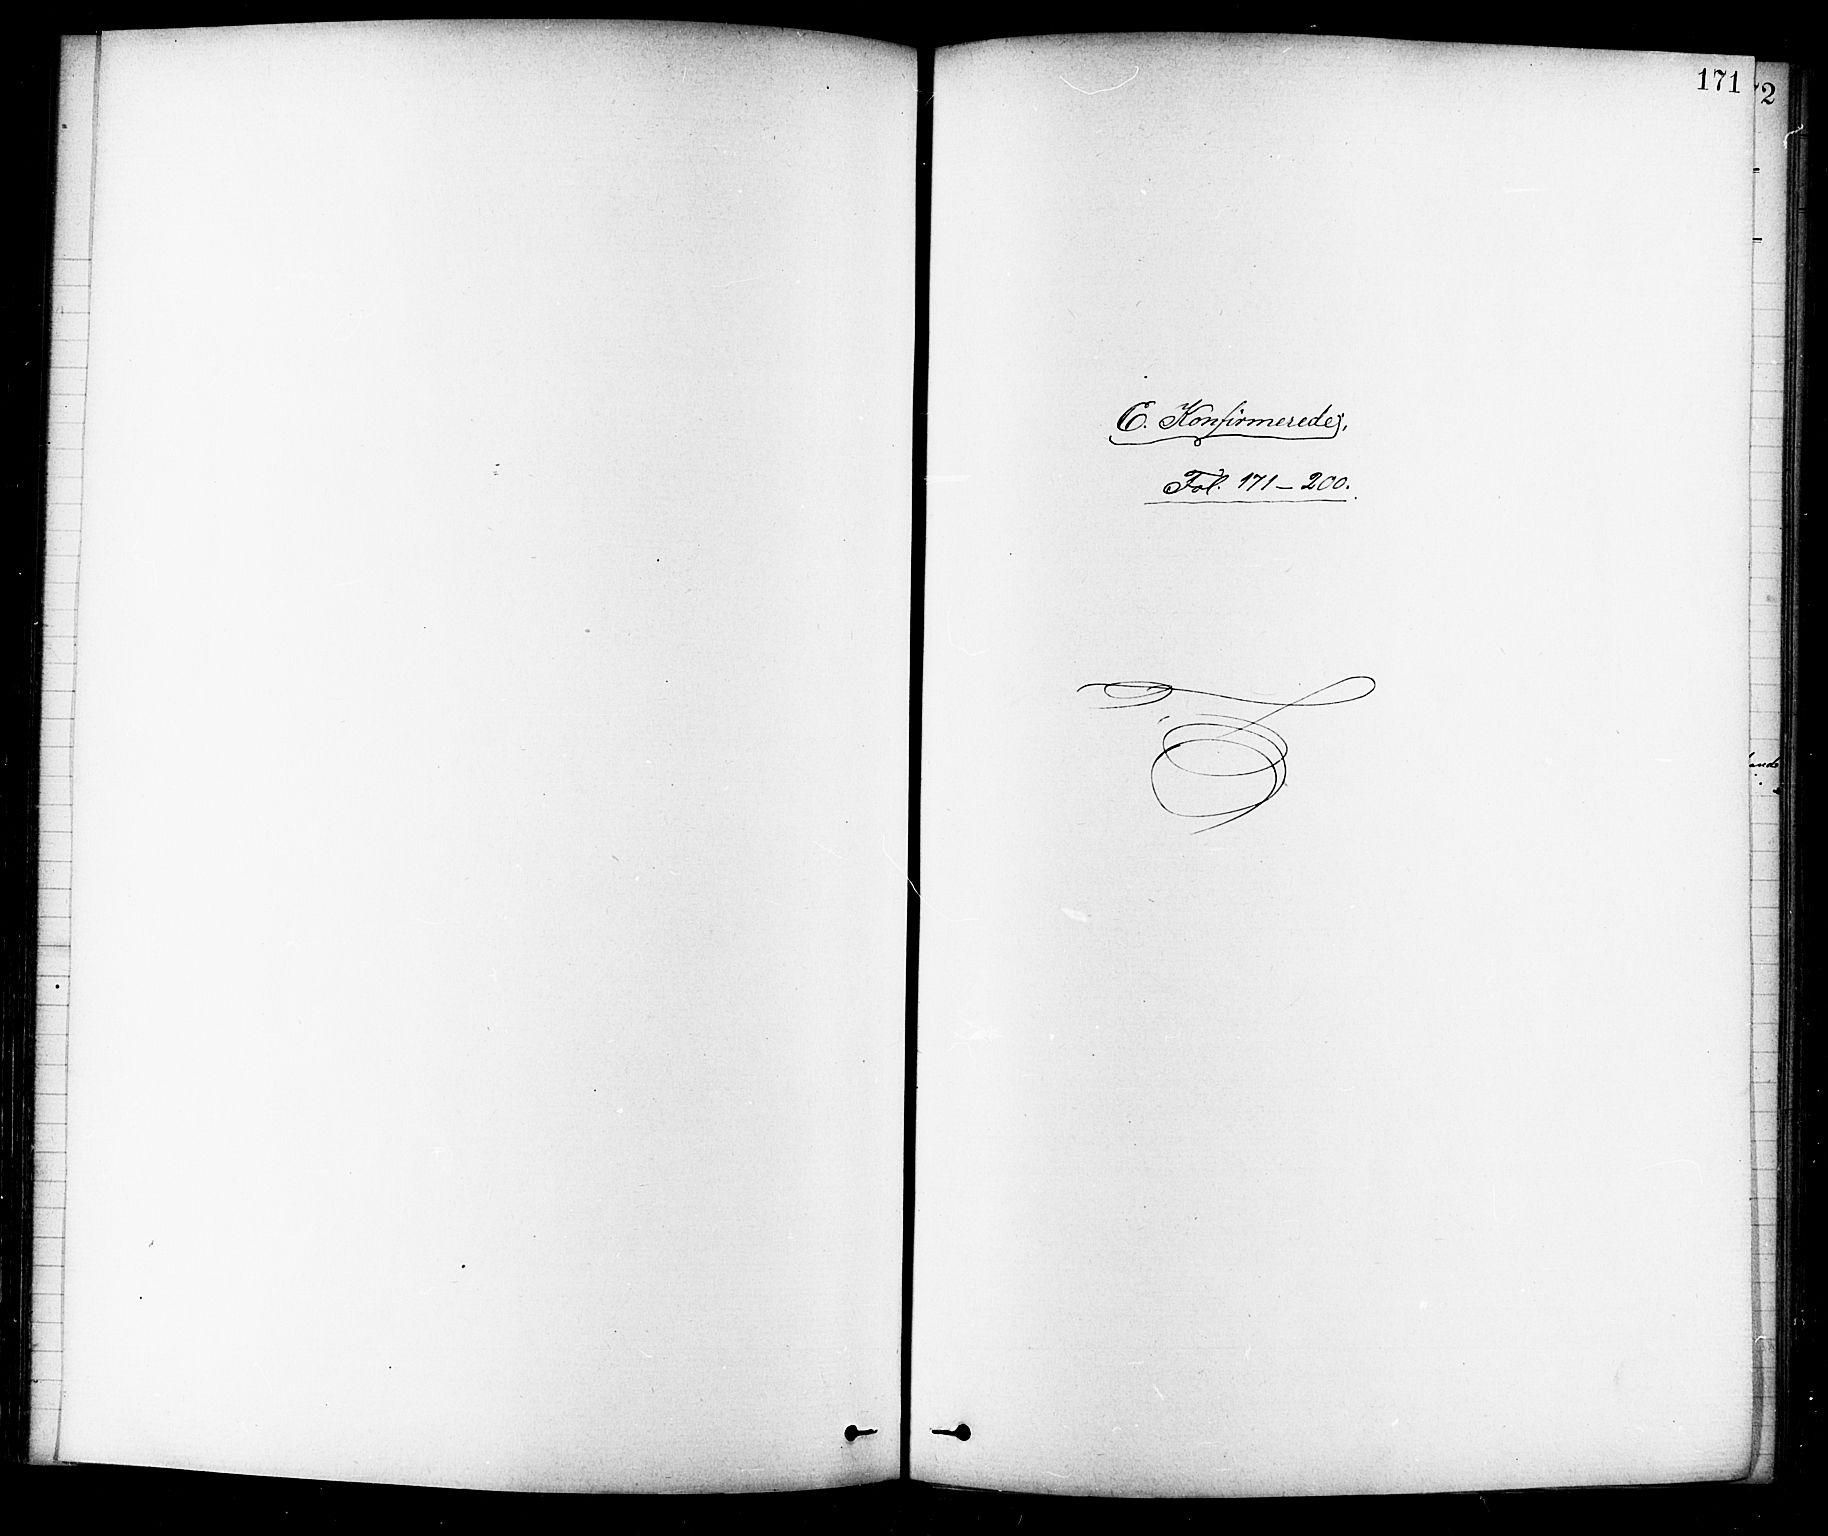 SAT, Ministerialprotokoller, klokkerbøker og fødselsregistre - Sør-Trøndelag, 691/L1094: Klokkerbok nr. 691C05, 1879-1911, s. 171